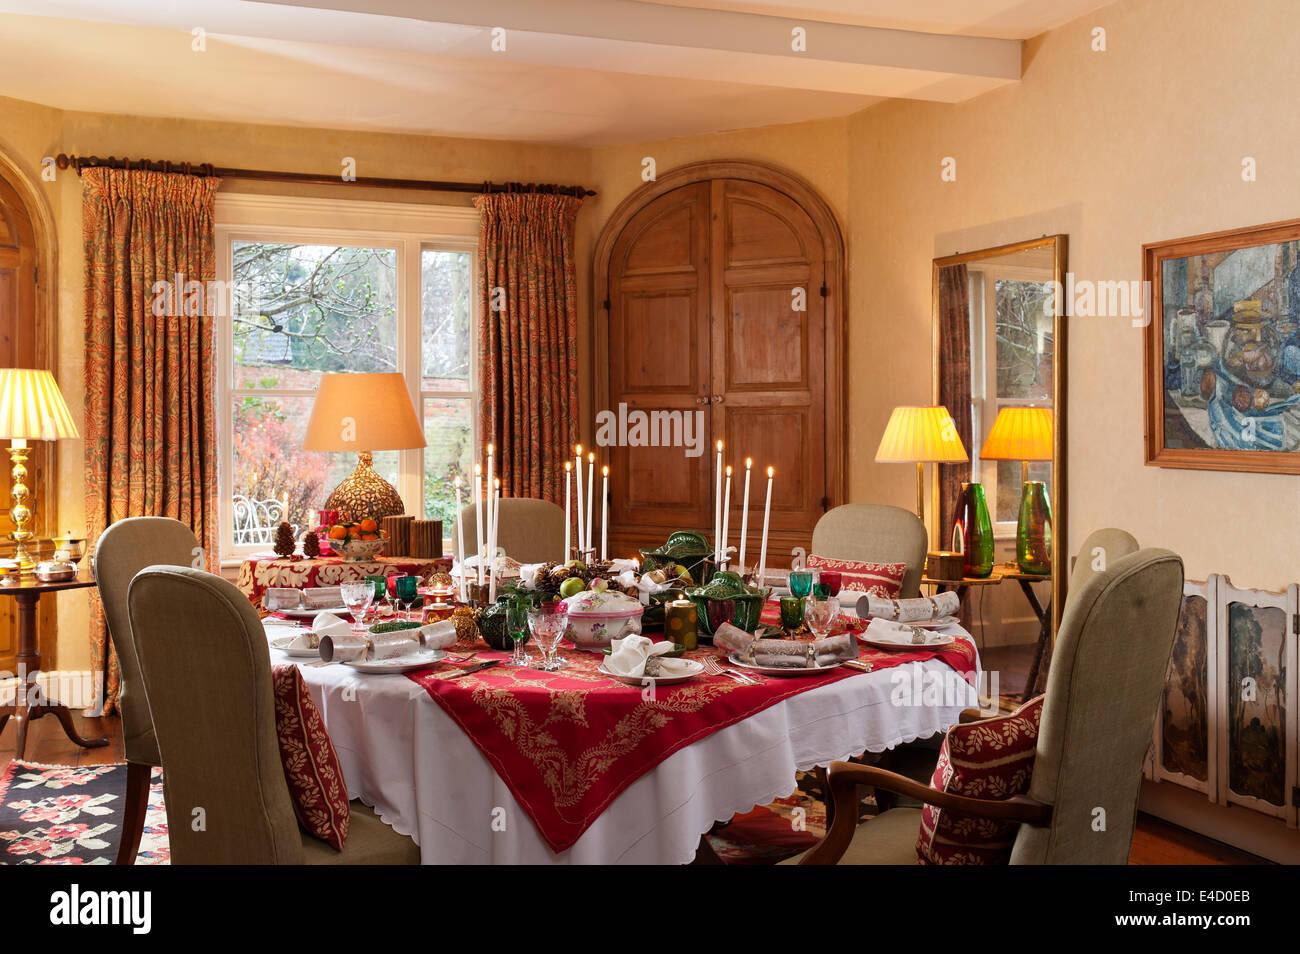 Comedor con mesa para la cena de Navidad. La vajilla es una mezcla de Luneville antiguo patrón de Estrasburgo Imagen De Stock